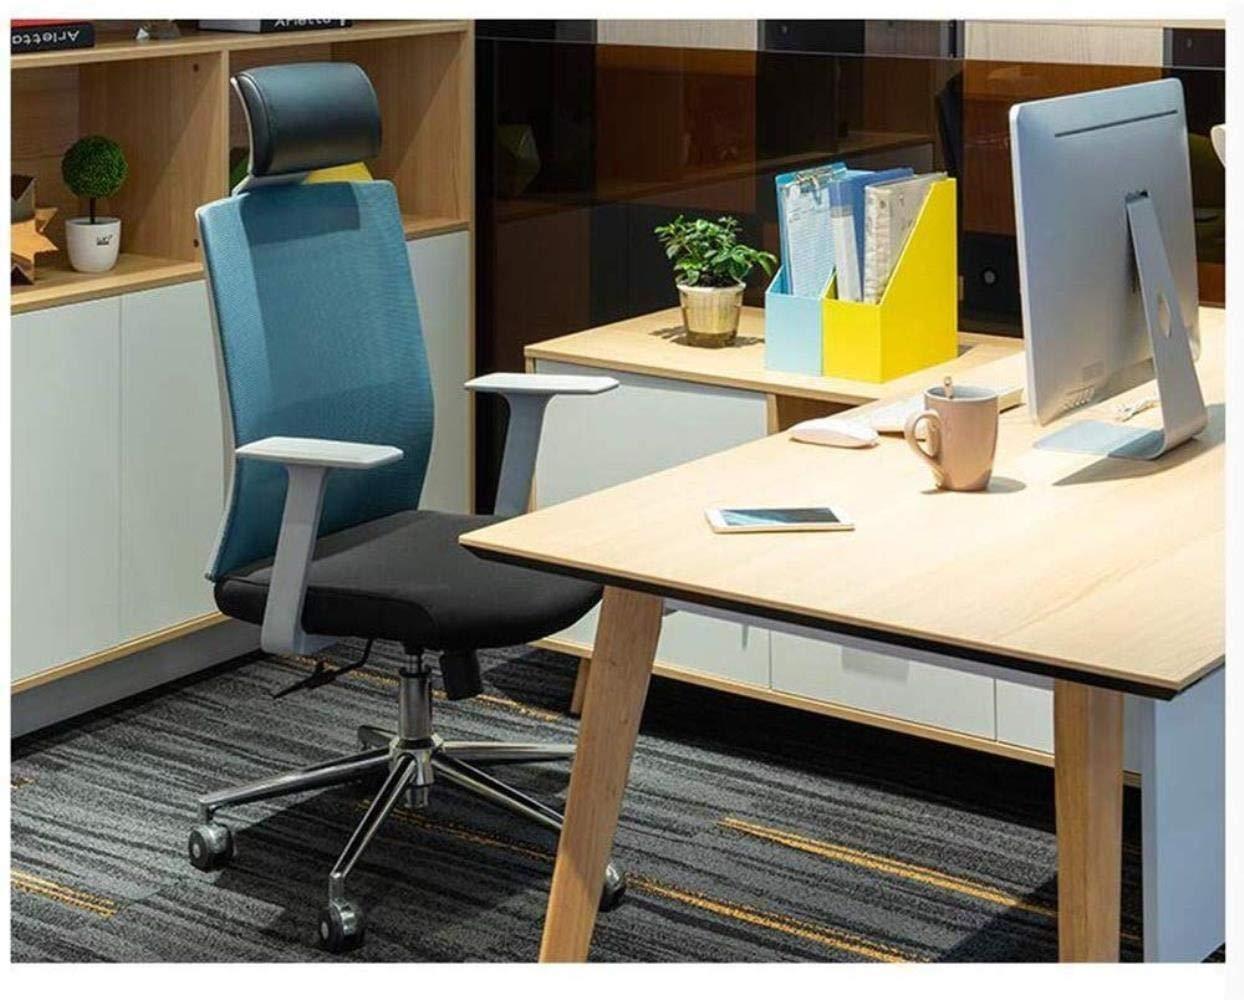 Xiuyun kontorsstol spelstol, andningsbar hög ryggmidja stöd med nackstöd hög och låg justering svängbar stol för hem dator stol (färg: Nylonfot) Steel Feet